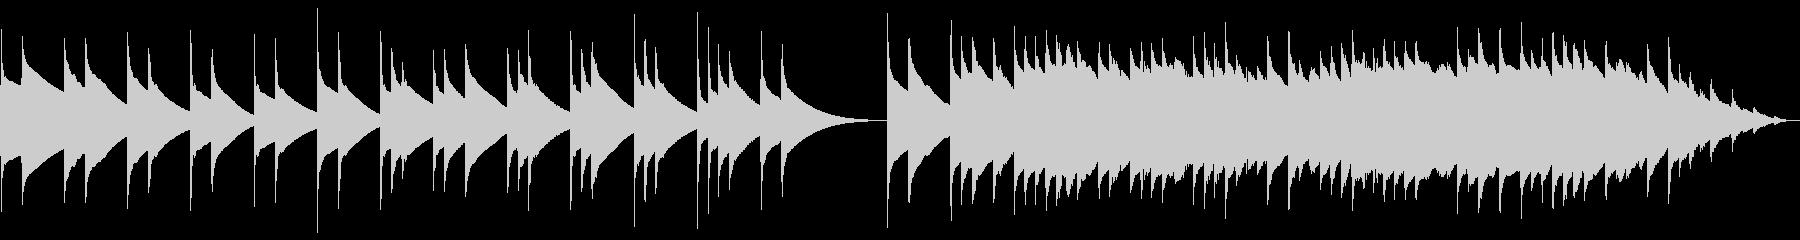 (60秒)哀愁漂うチェレスタオルゴール曲の未再生の波形